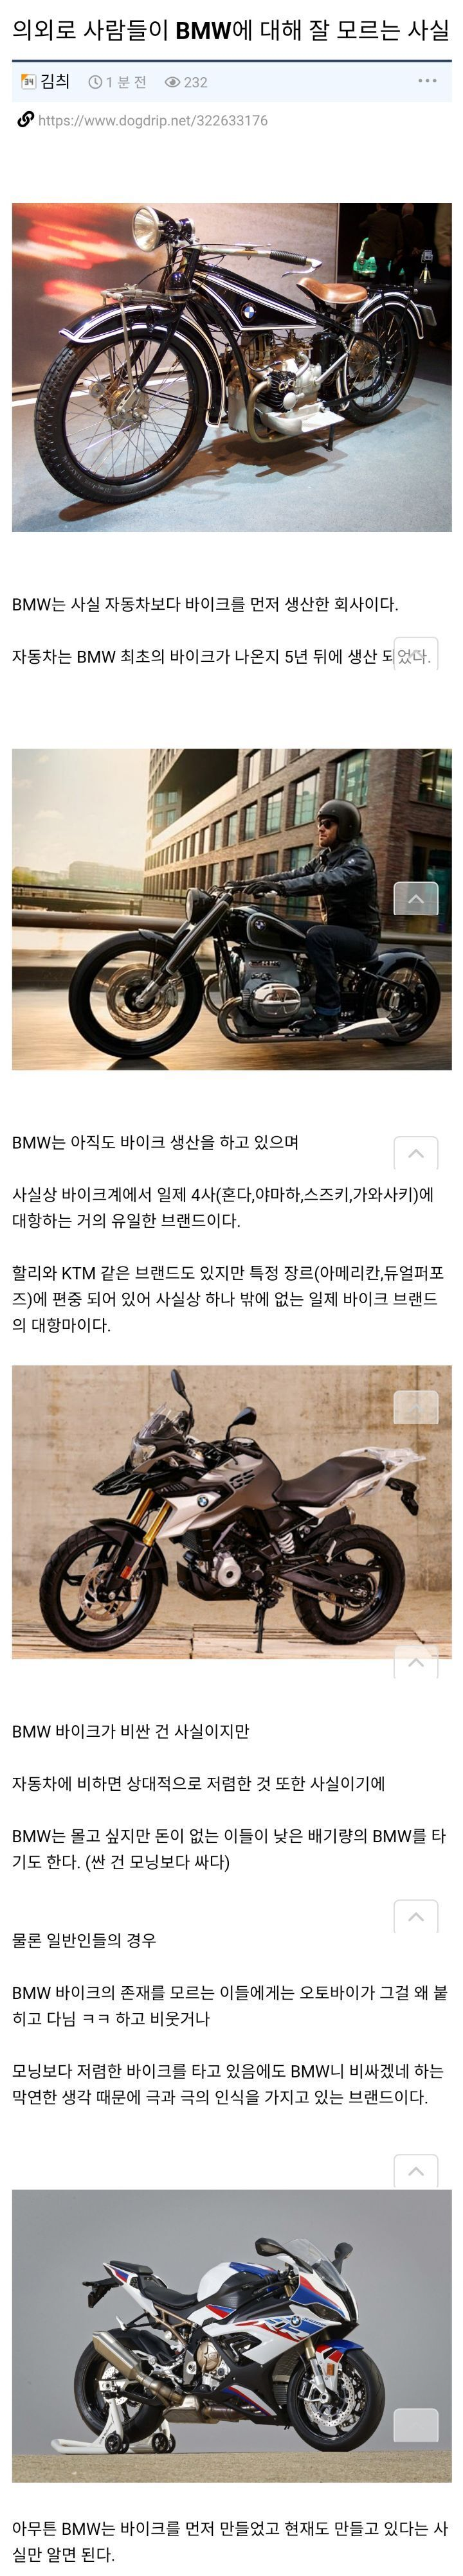 의외로 사람들이 BMW에 대해 잘 모르는 사실 - 꾸르